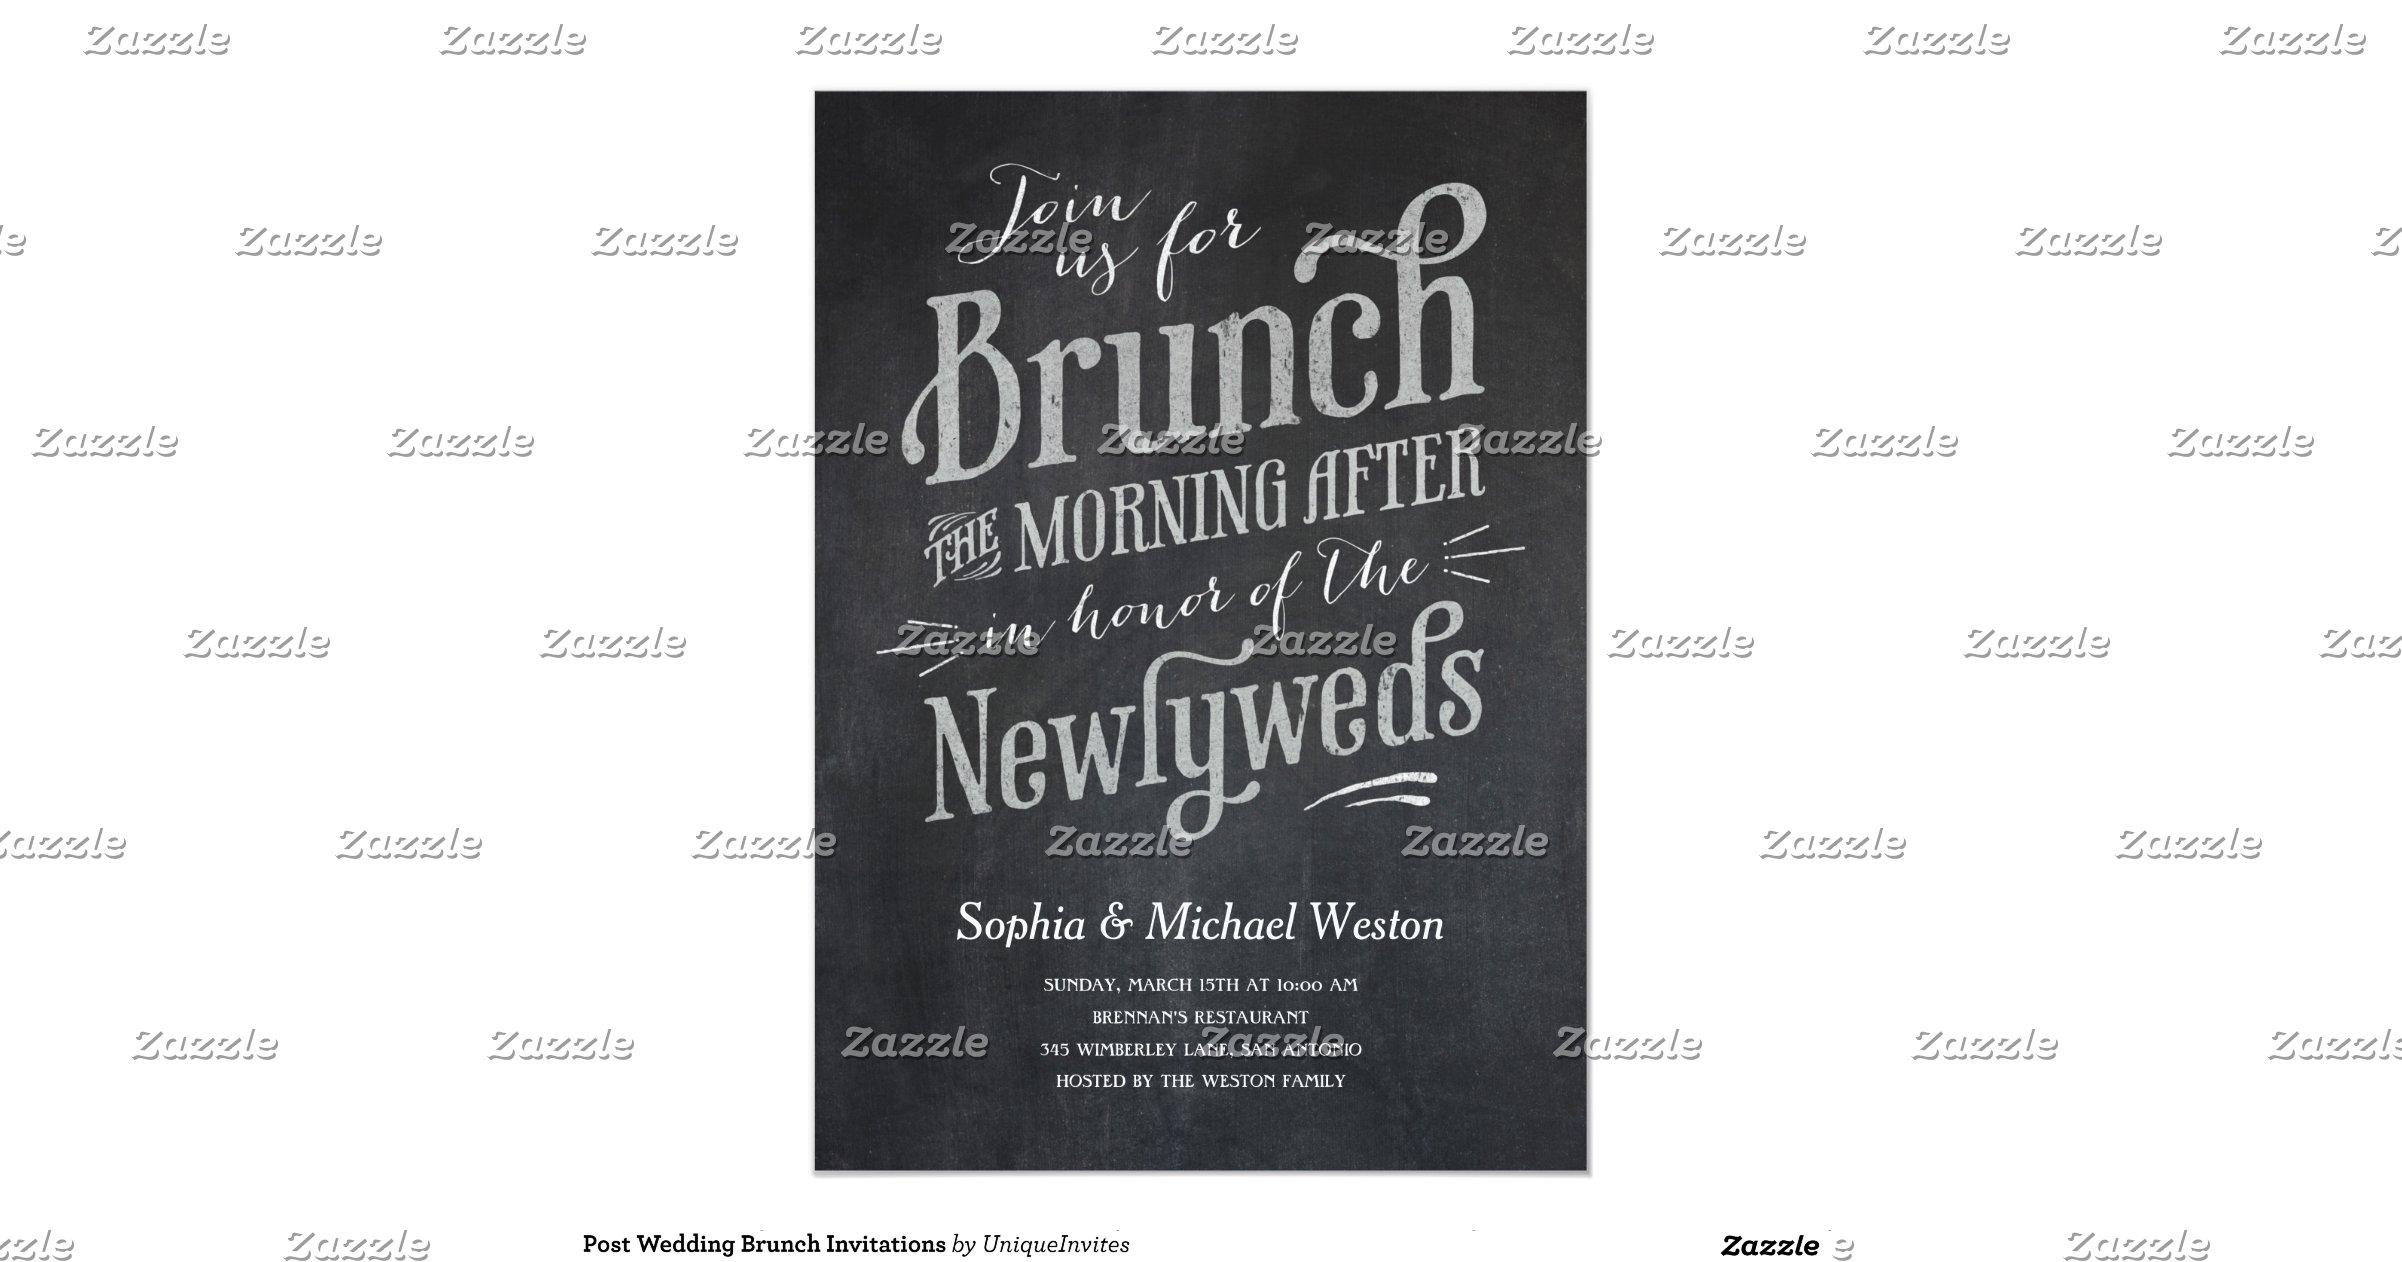 brunch garden birthday invitations zazzle - 28 images - lunch ...